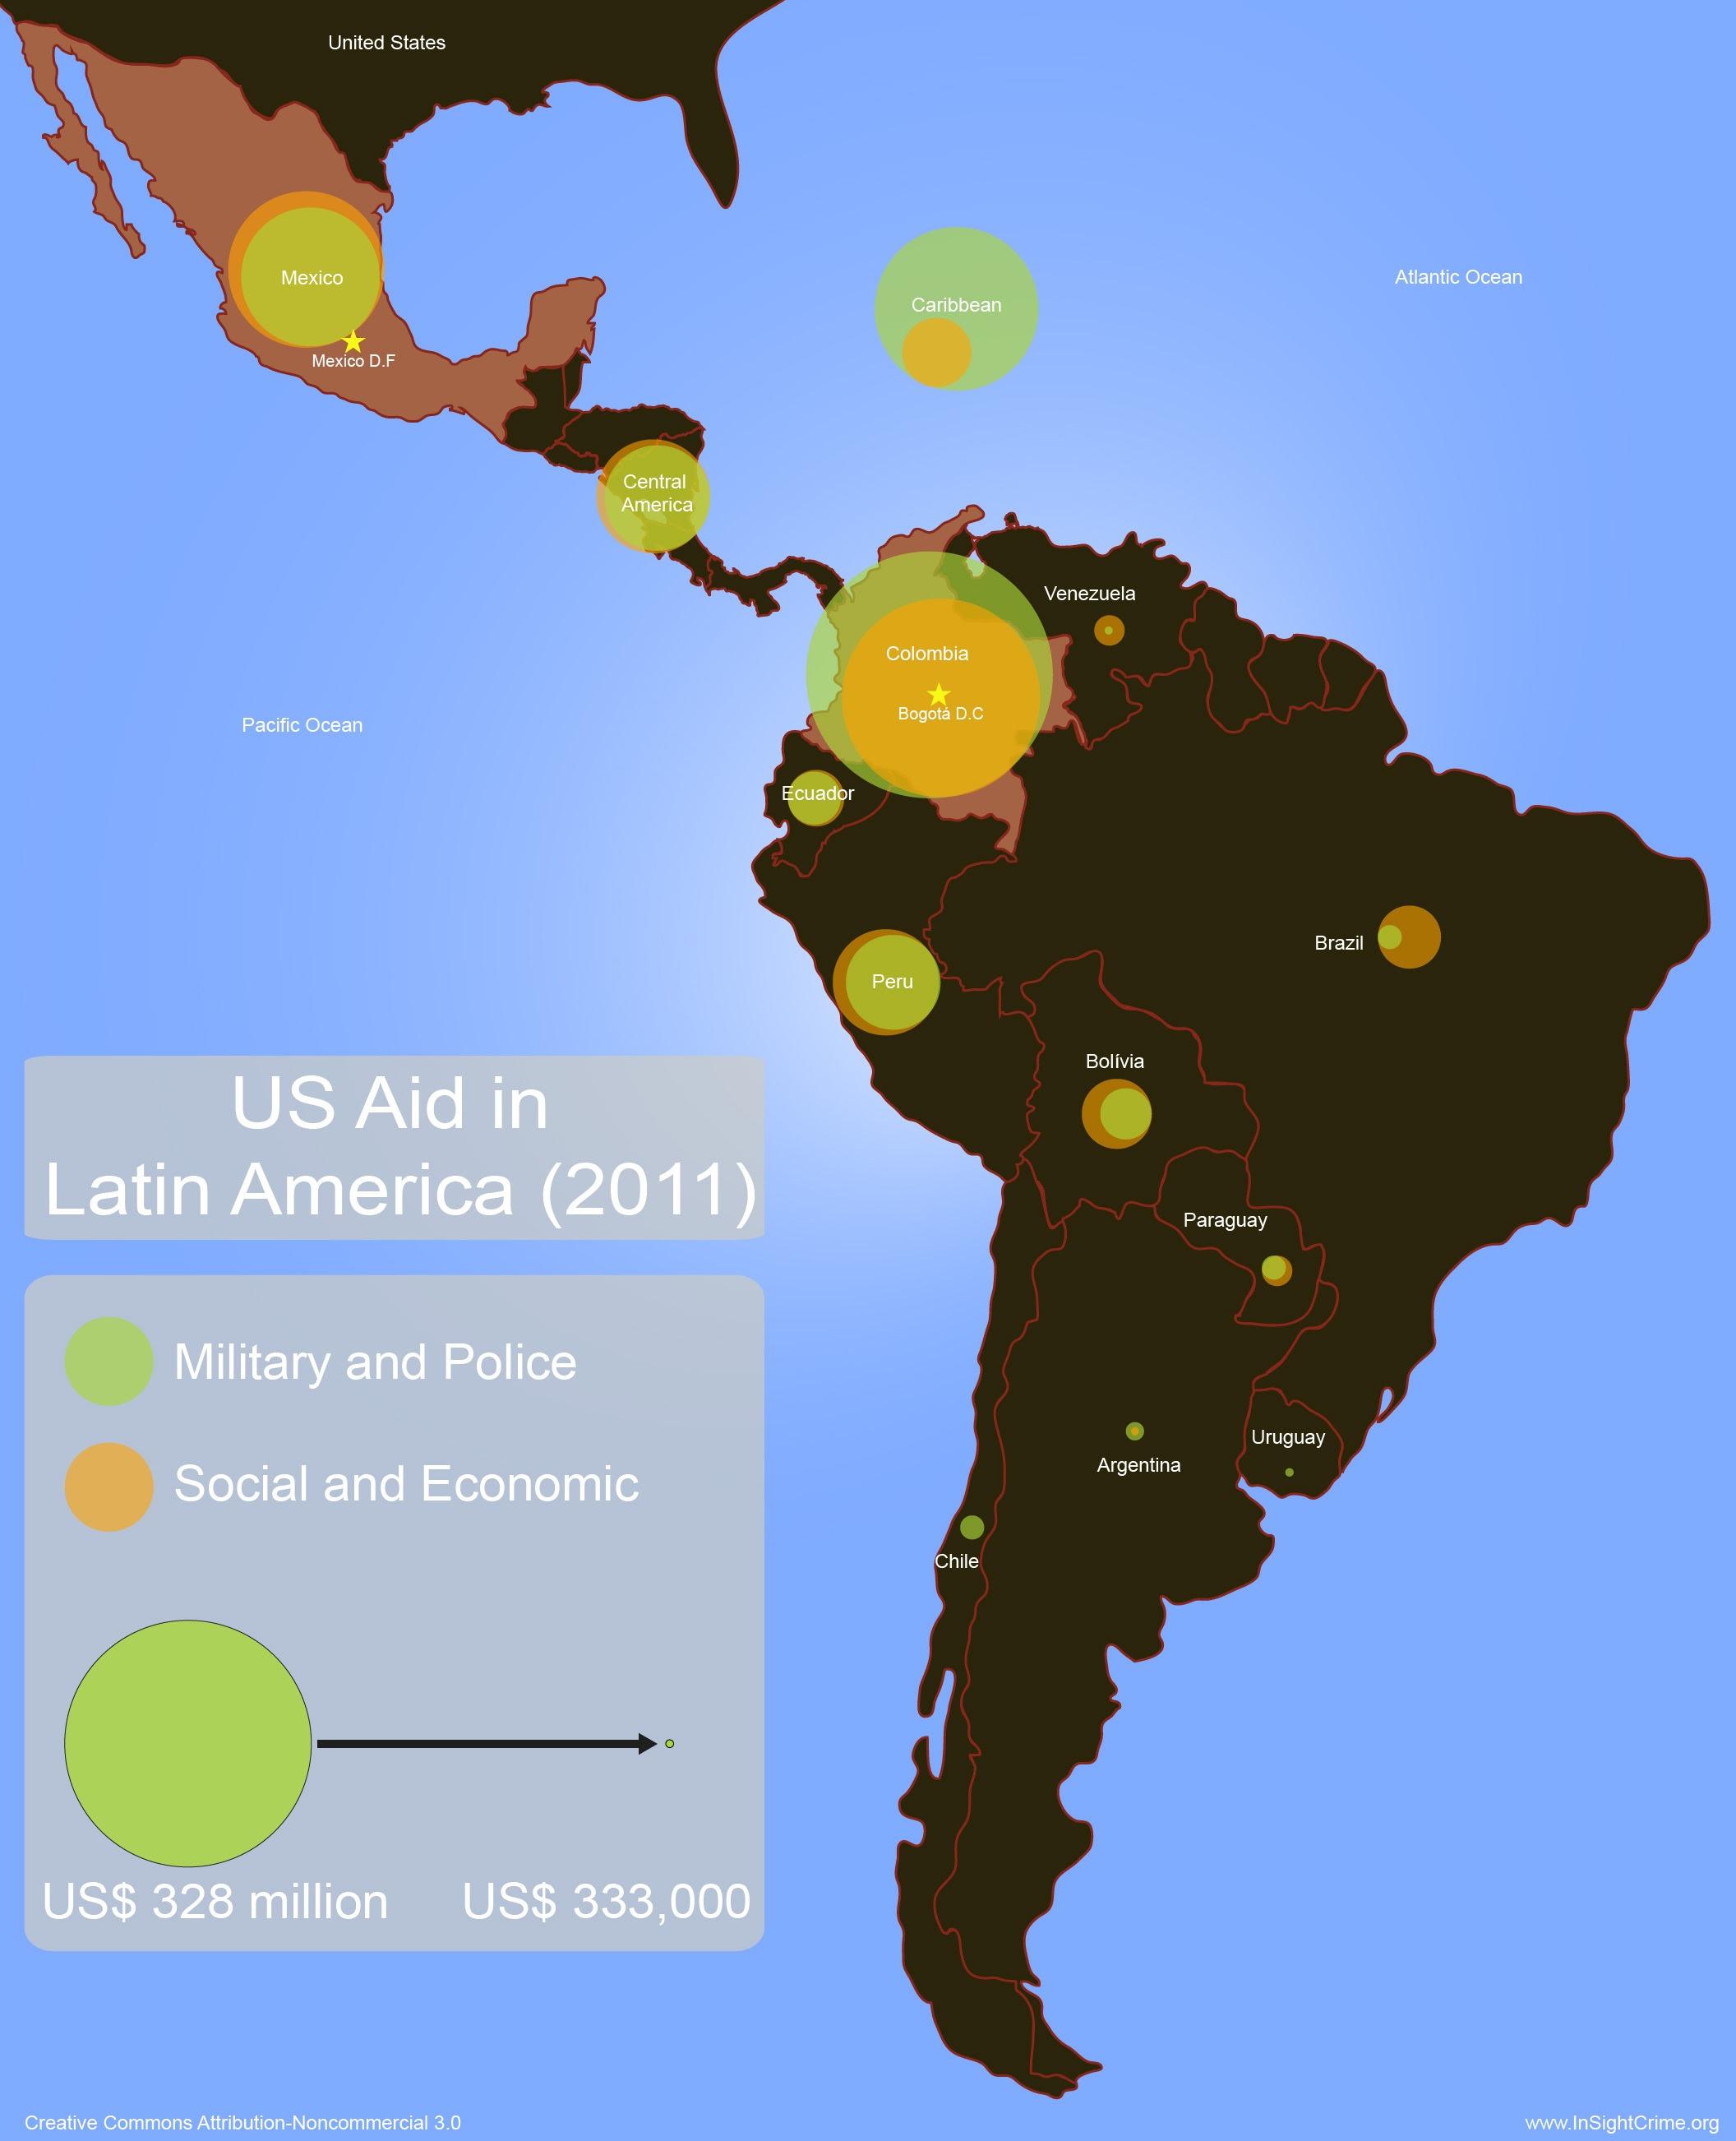 region-military-vs-social-aid